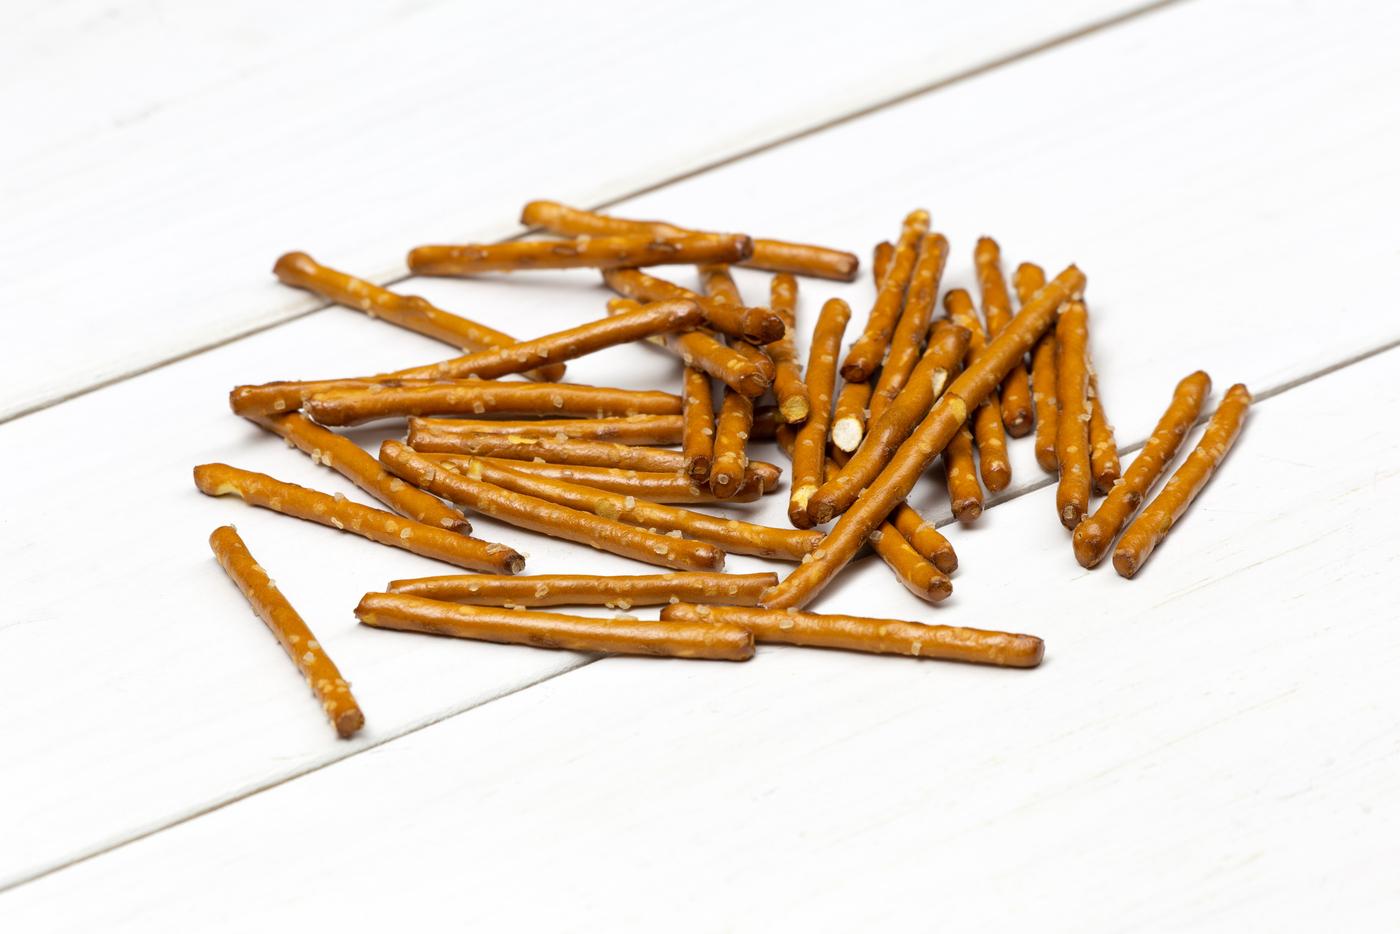 Todas as amostras de ultraprocessados com trigo na composição continham agrotóxico. (Fonte: Birch Landing Home/StockSnap)